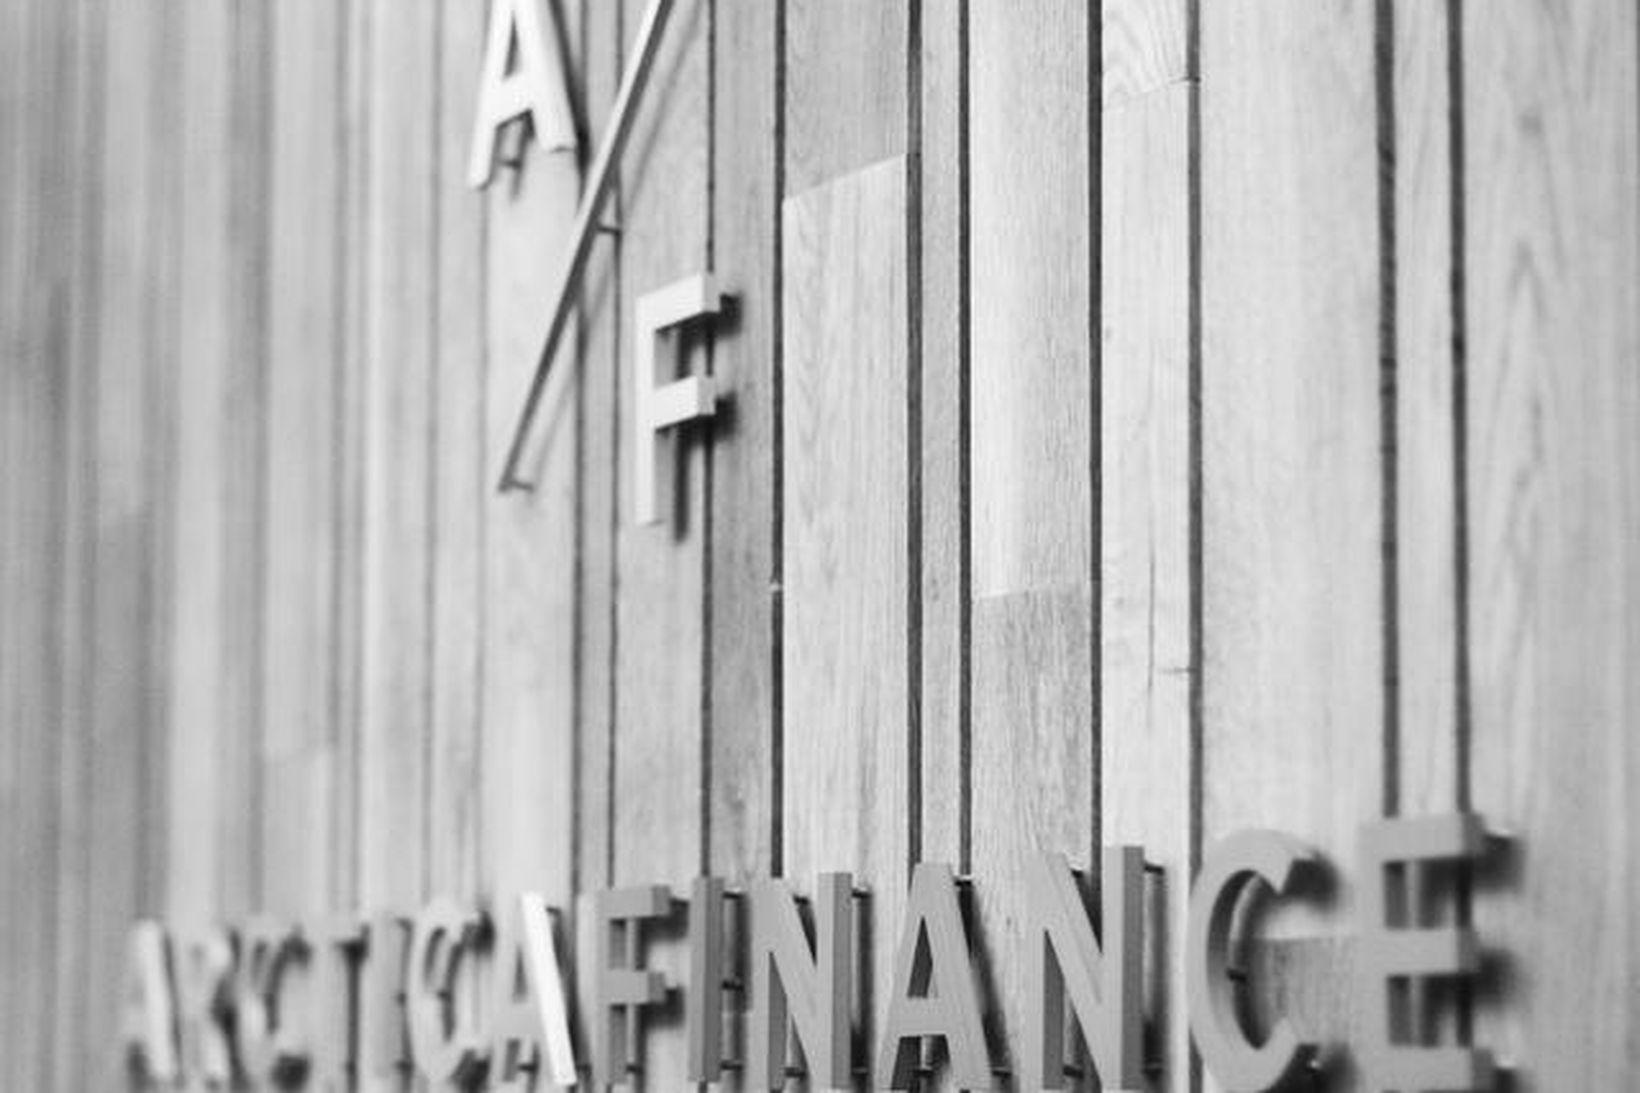 FME sektaði Arctica finance um 72 milljónir árið 2017. Héraðsdómur …